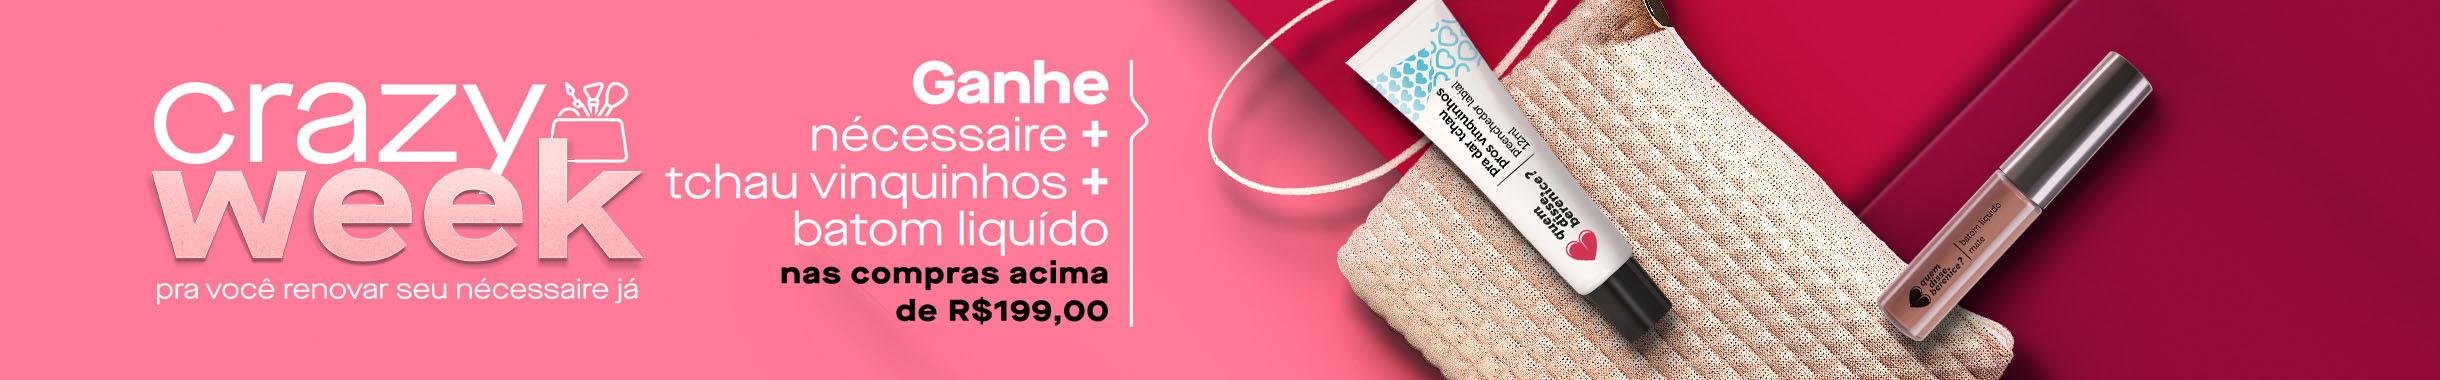 Promoção Especial - Ganhe Brinde nas compras acima de R$199